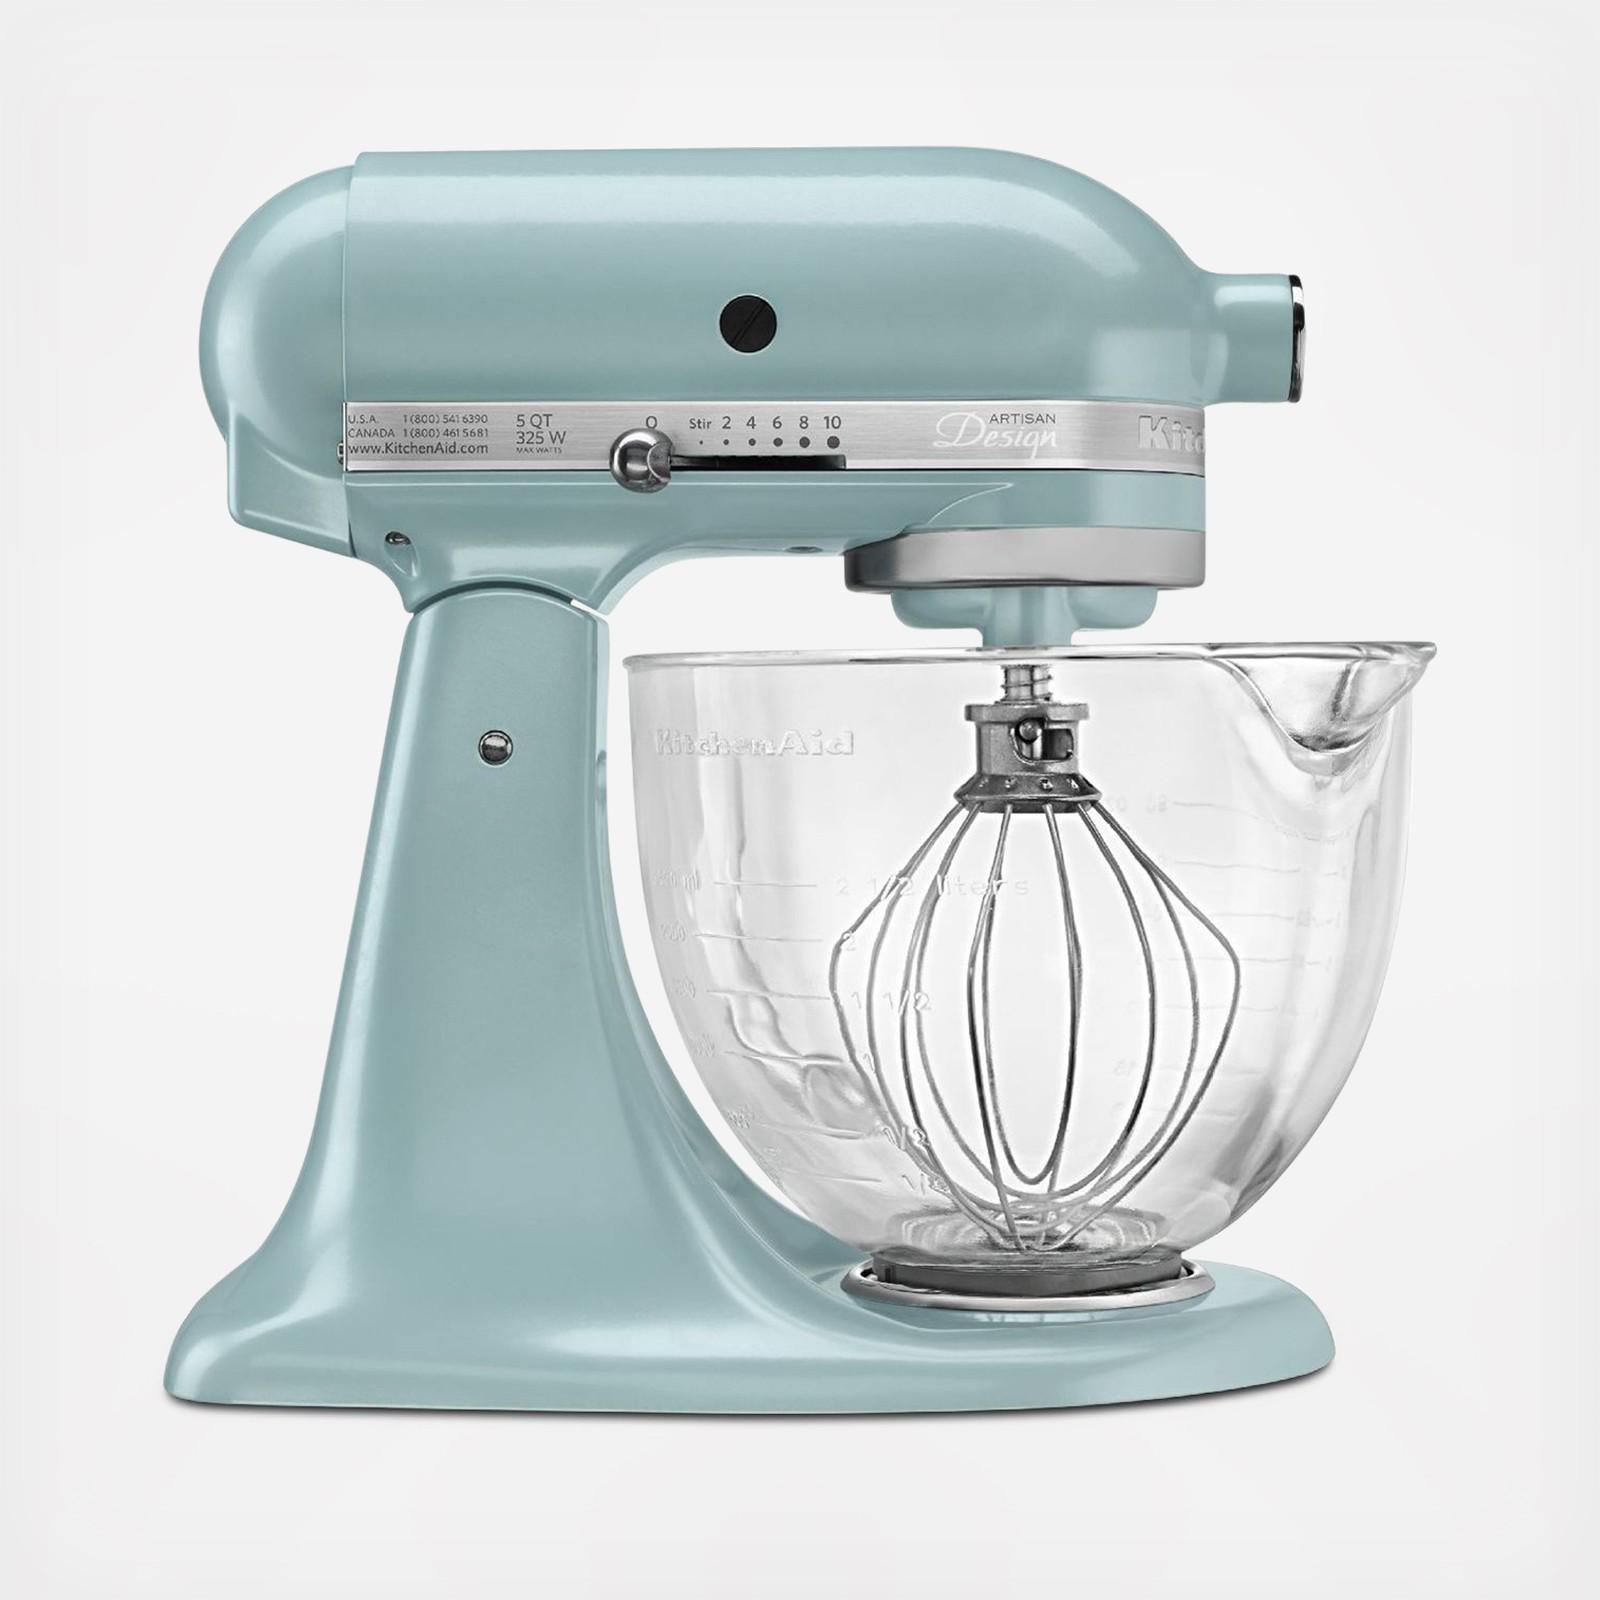 Artisan Design Series 5 Qt Tilt Head Stand Mixer With